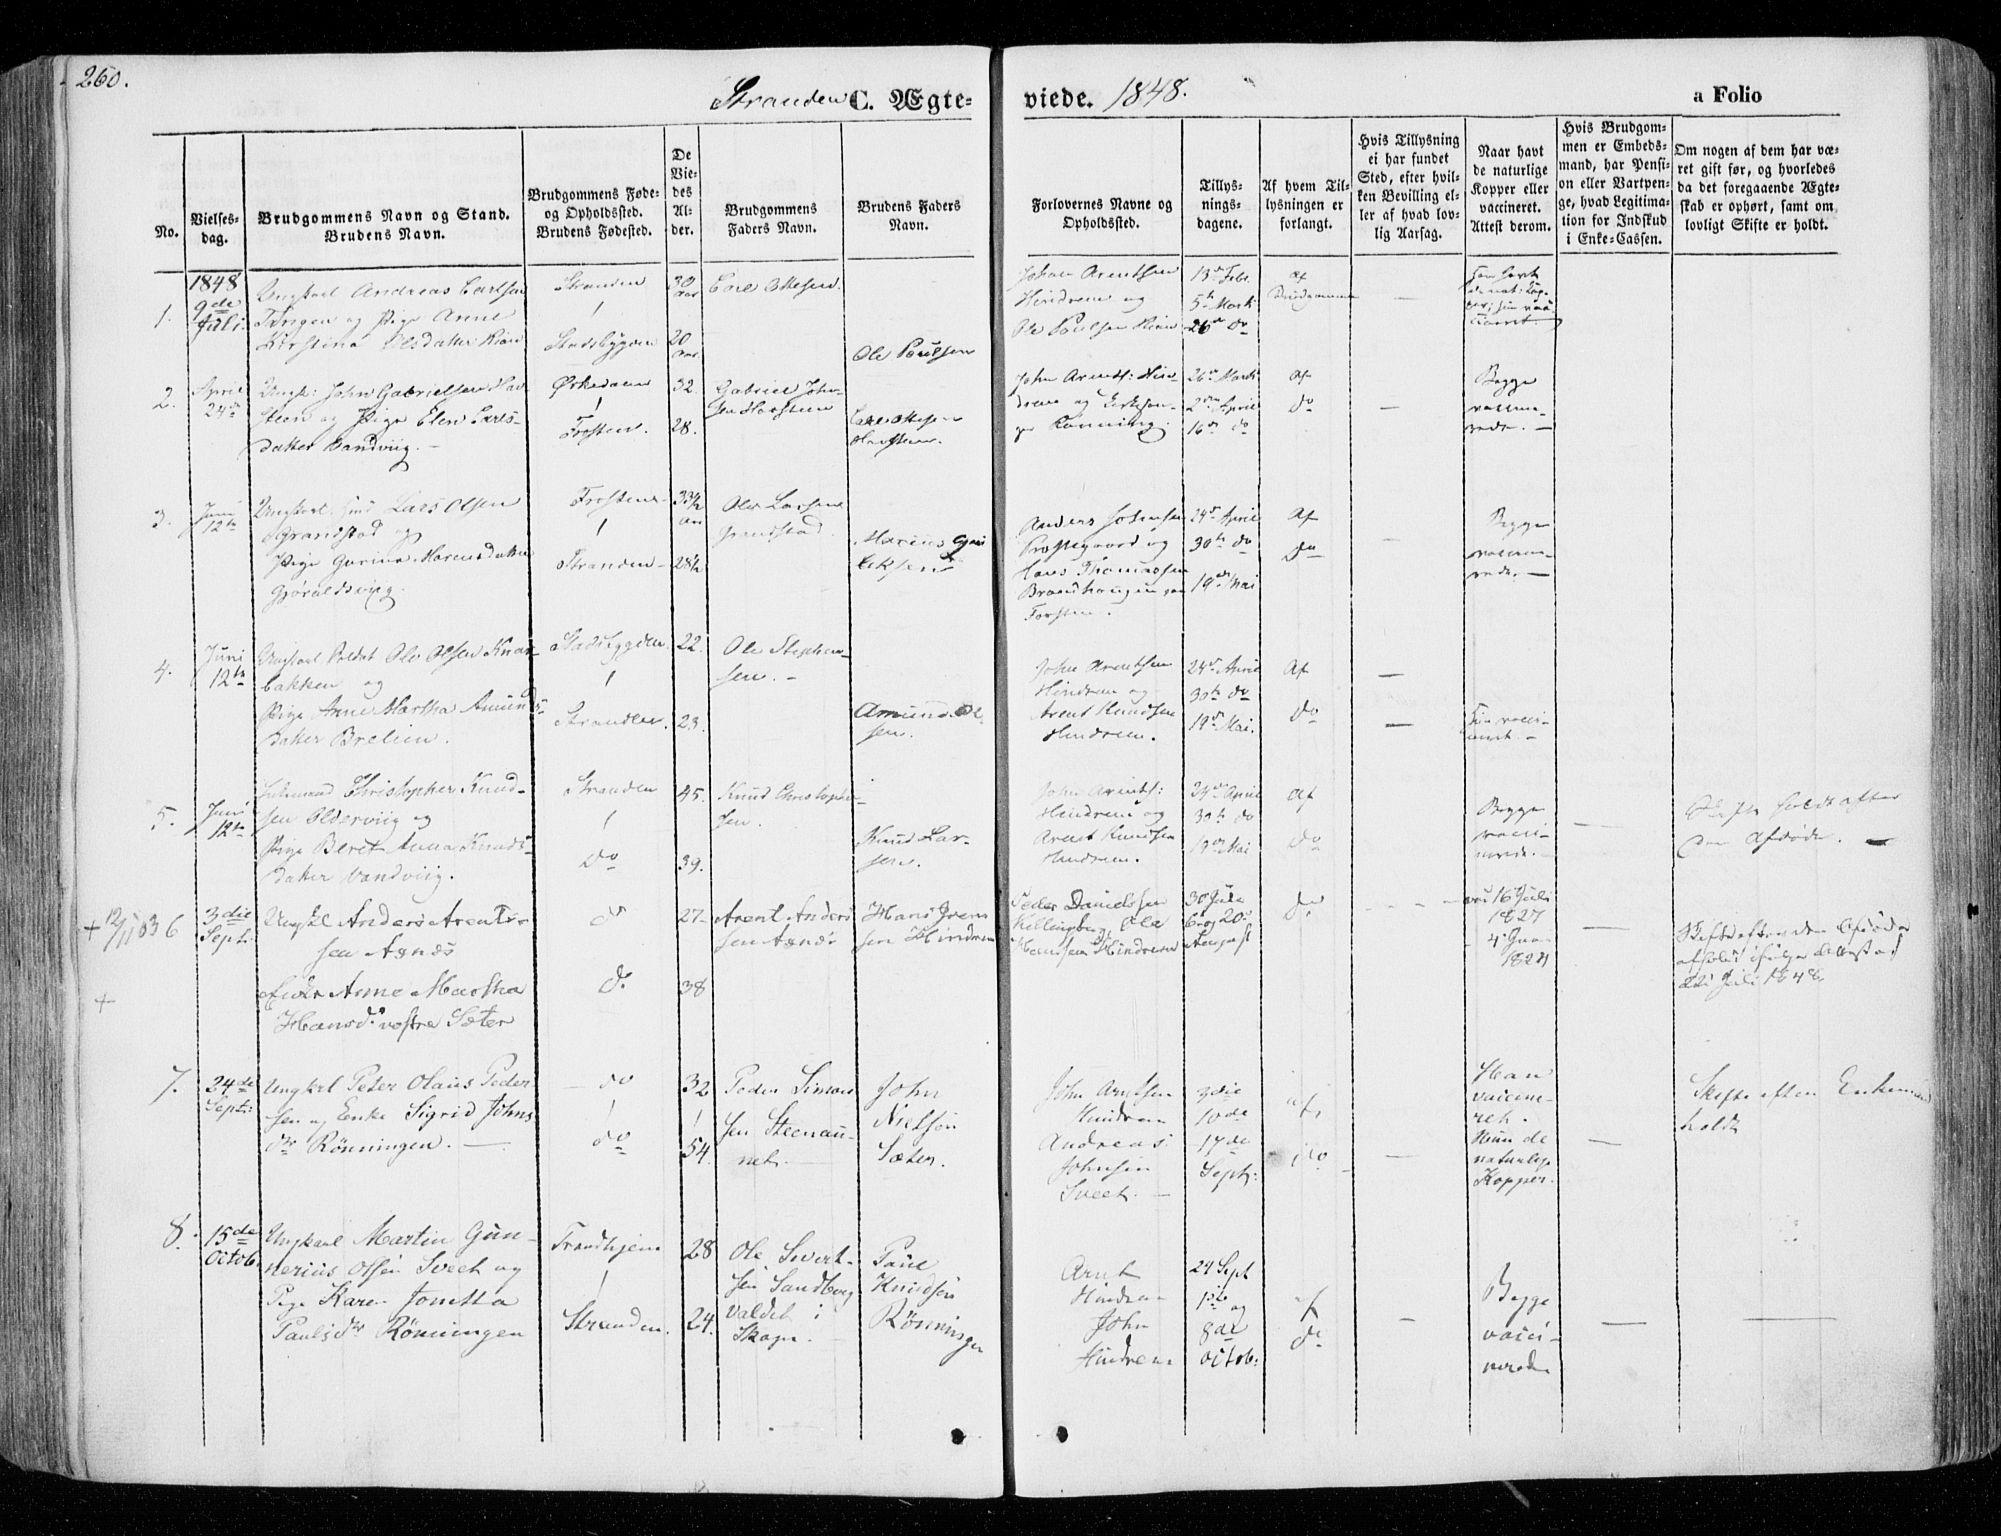 SAT, Ministerialprotokoller, klokkerbøker og fødselsregistre - Nord-Trøndelag, 701/L0007: Ministerialbok nr. 701A07 /2, 1842-1854, s. 260